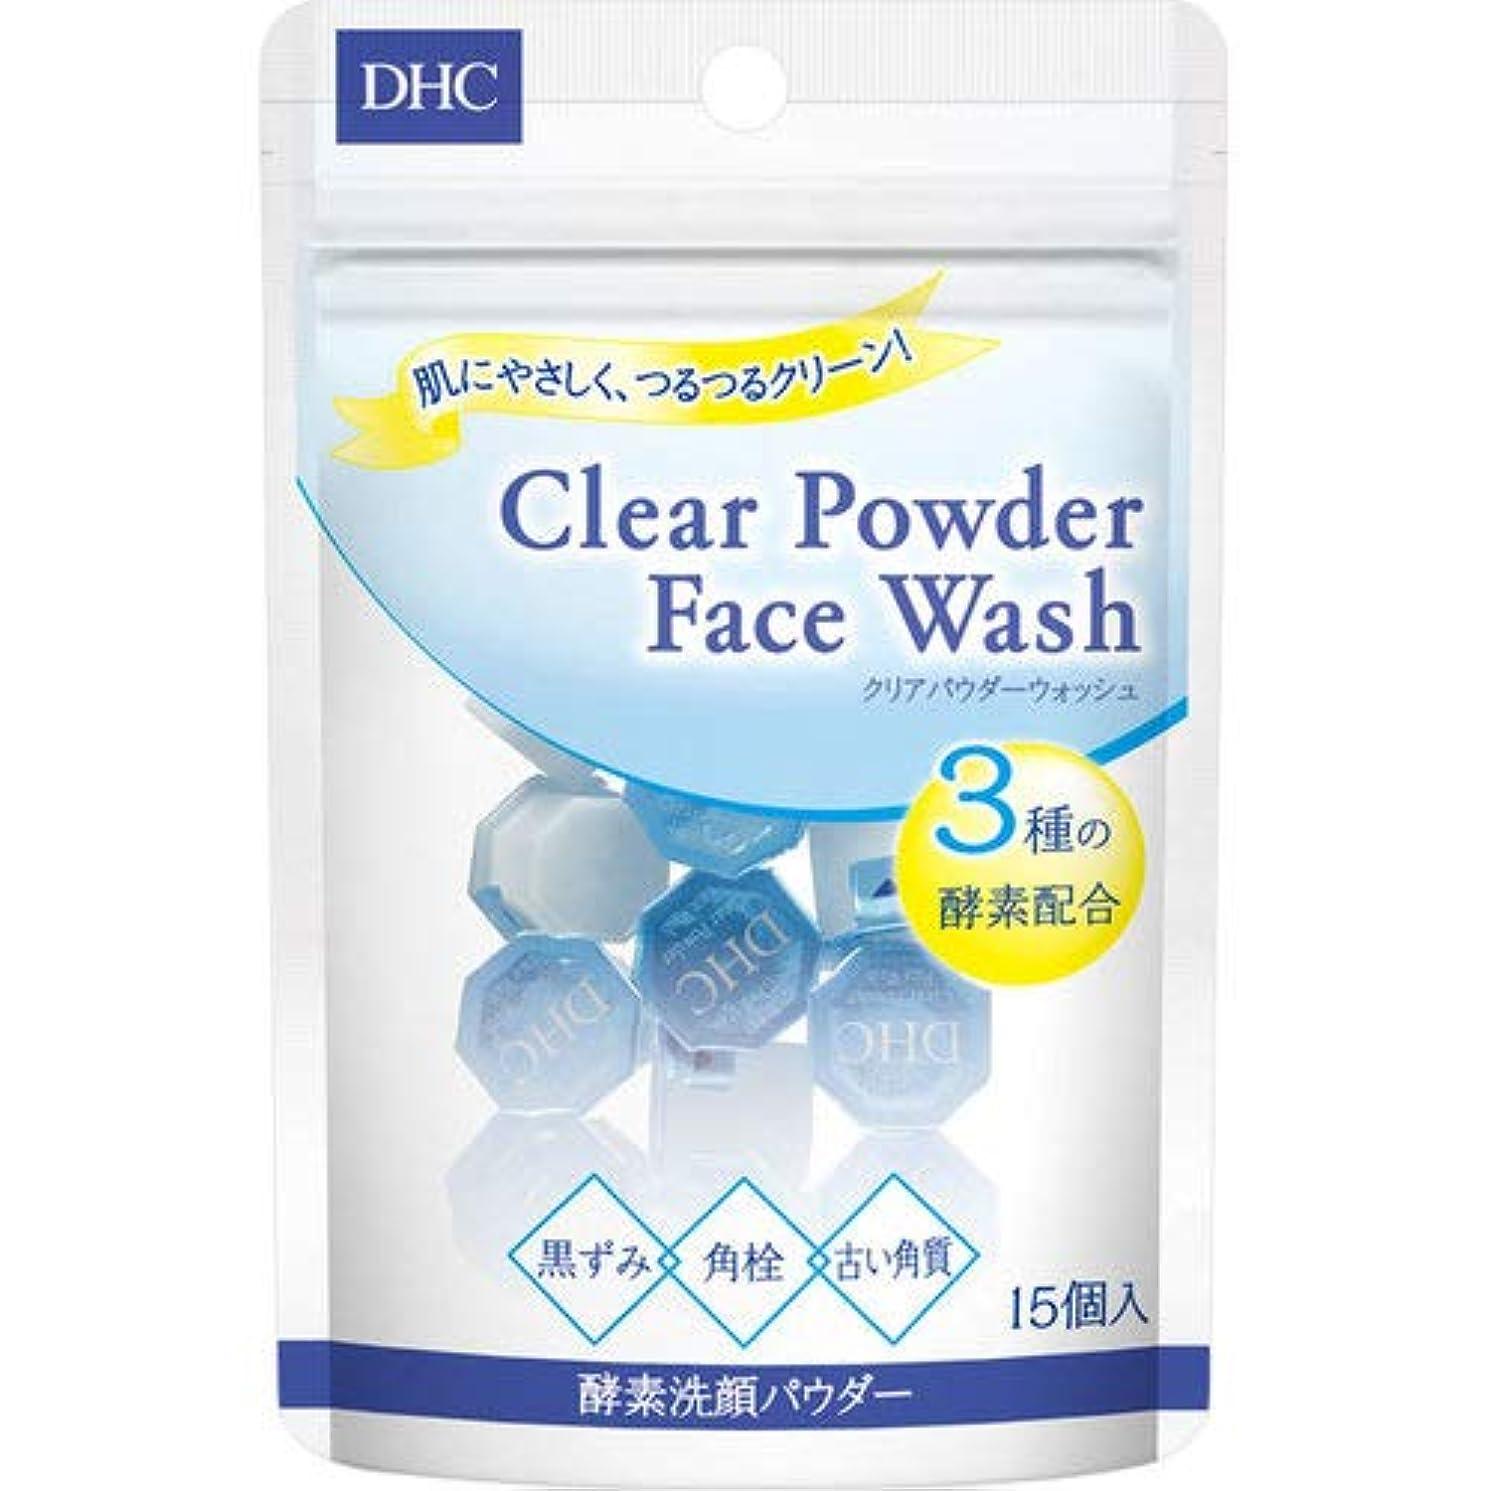 テキストしなやかものDHC クリアパウダーウォッシュ 0.4g×15個入 酵素洗顔パウダー